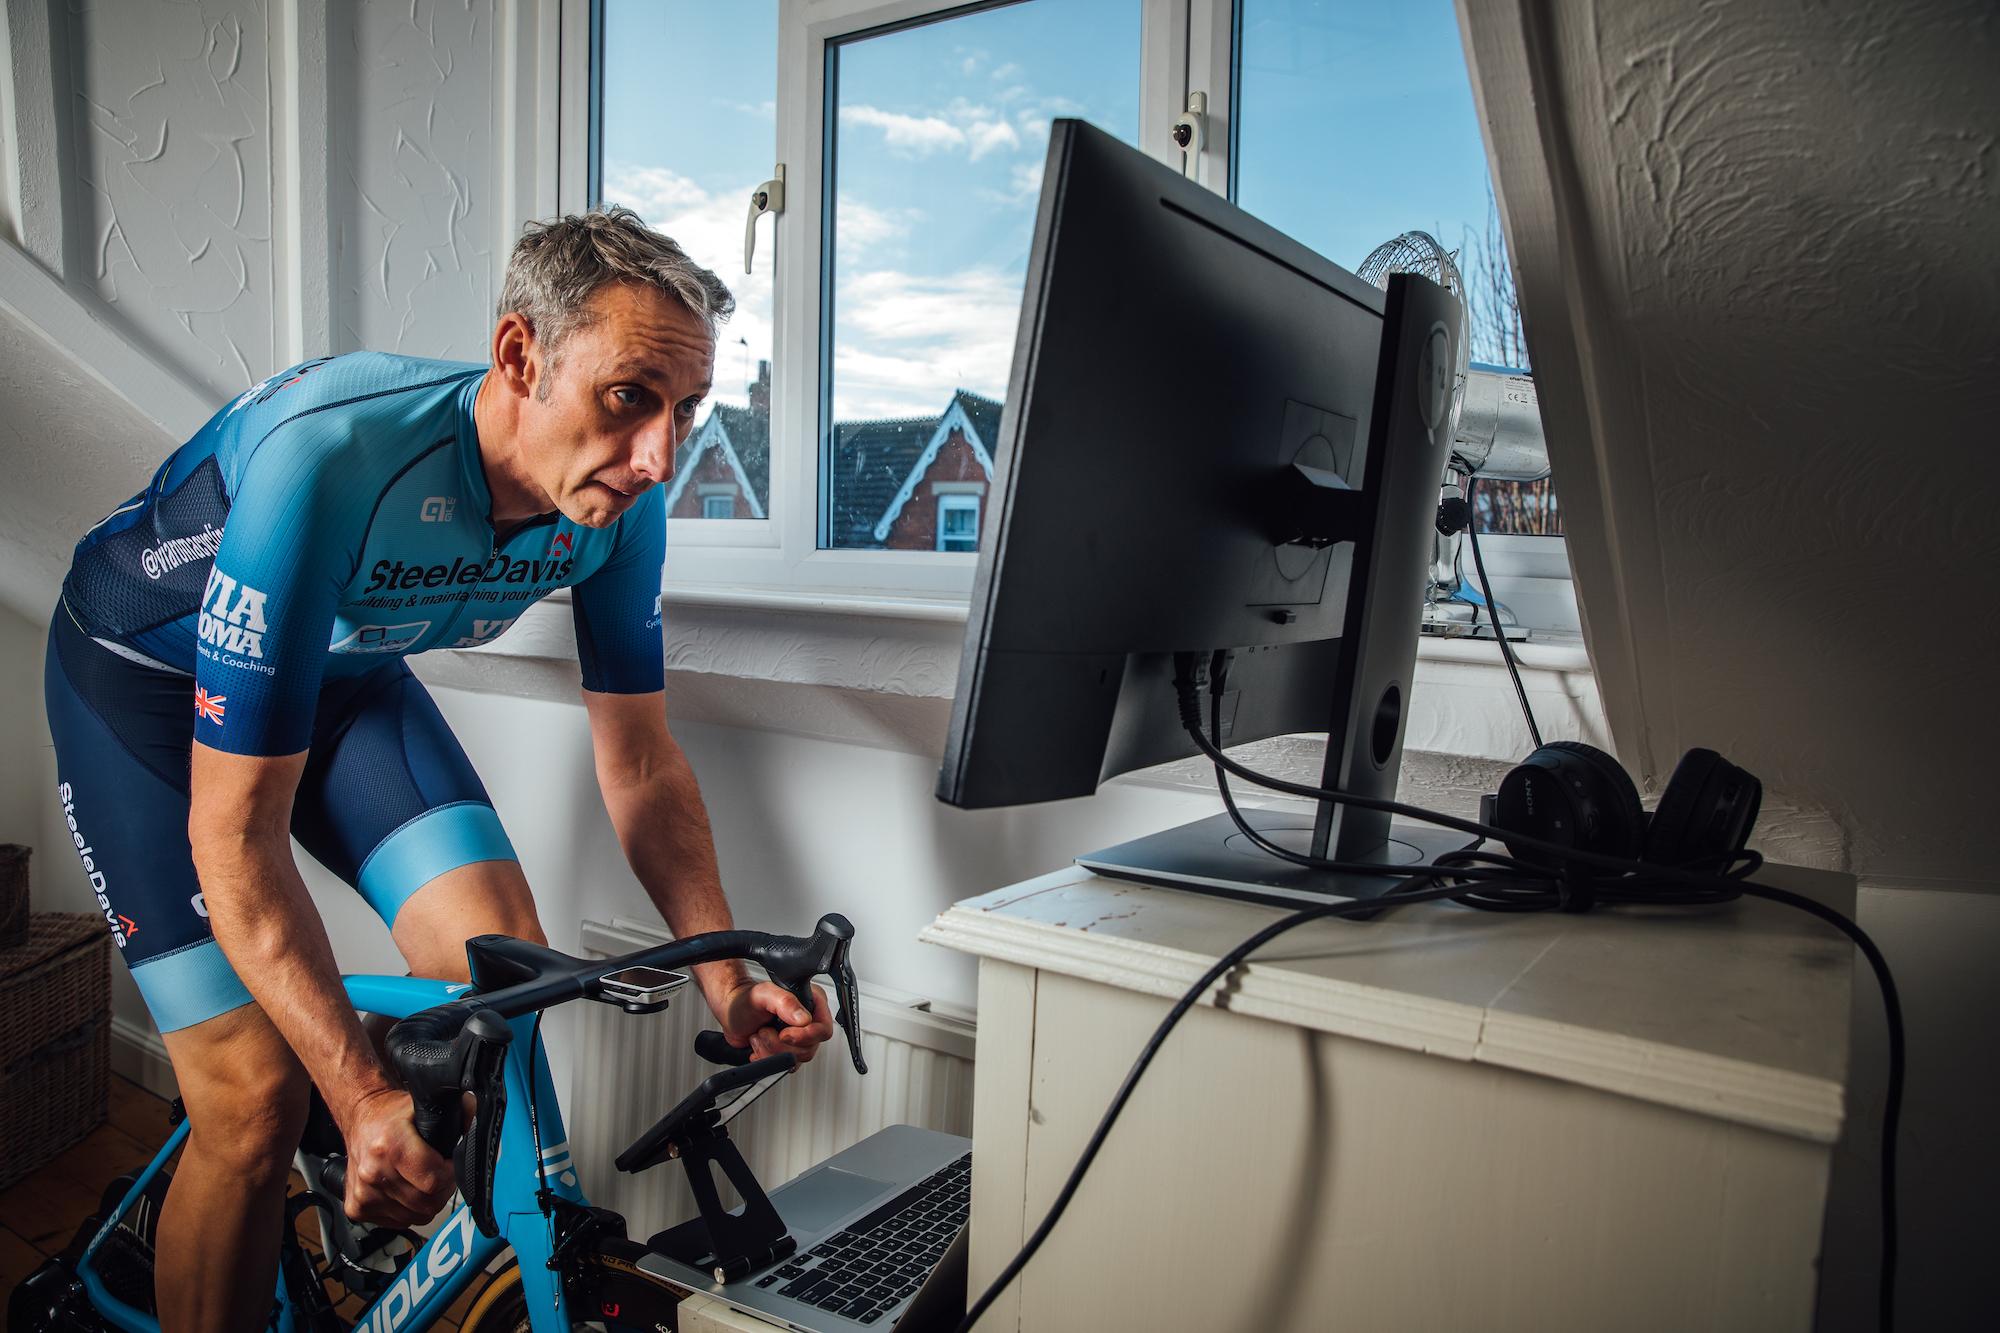 Cycling Weekly startet die Winter Lockdown RR-Serie auf Zwift